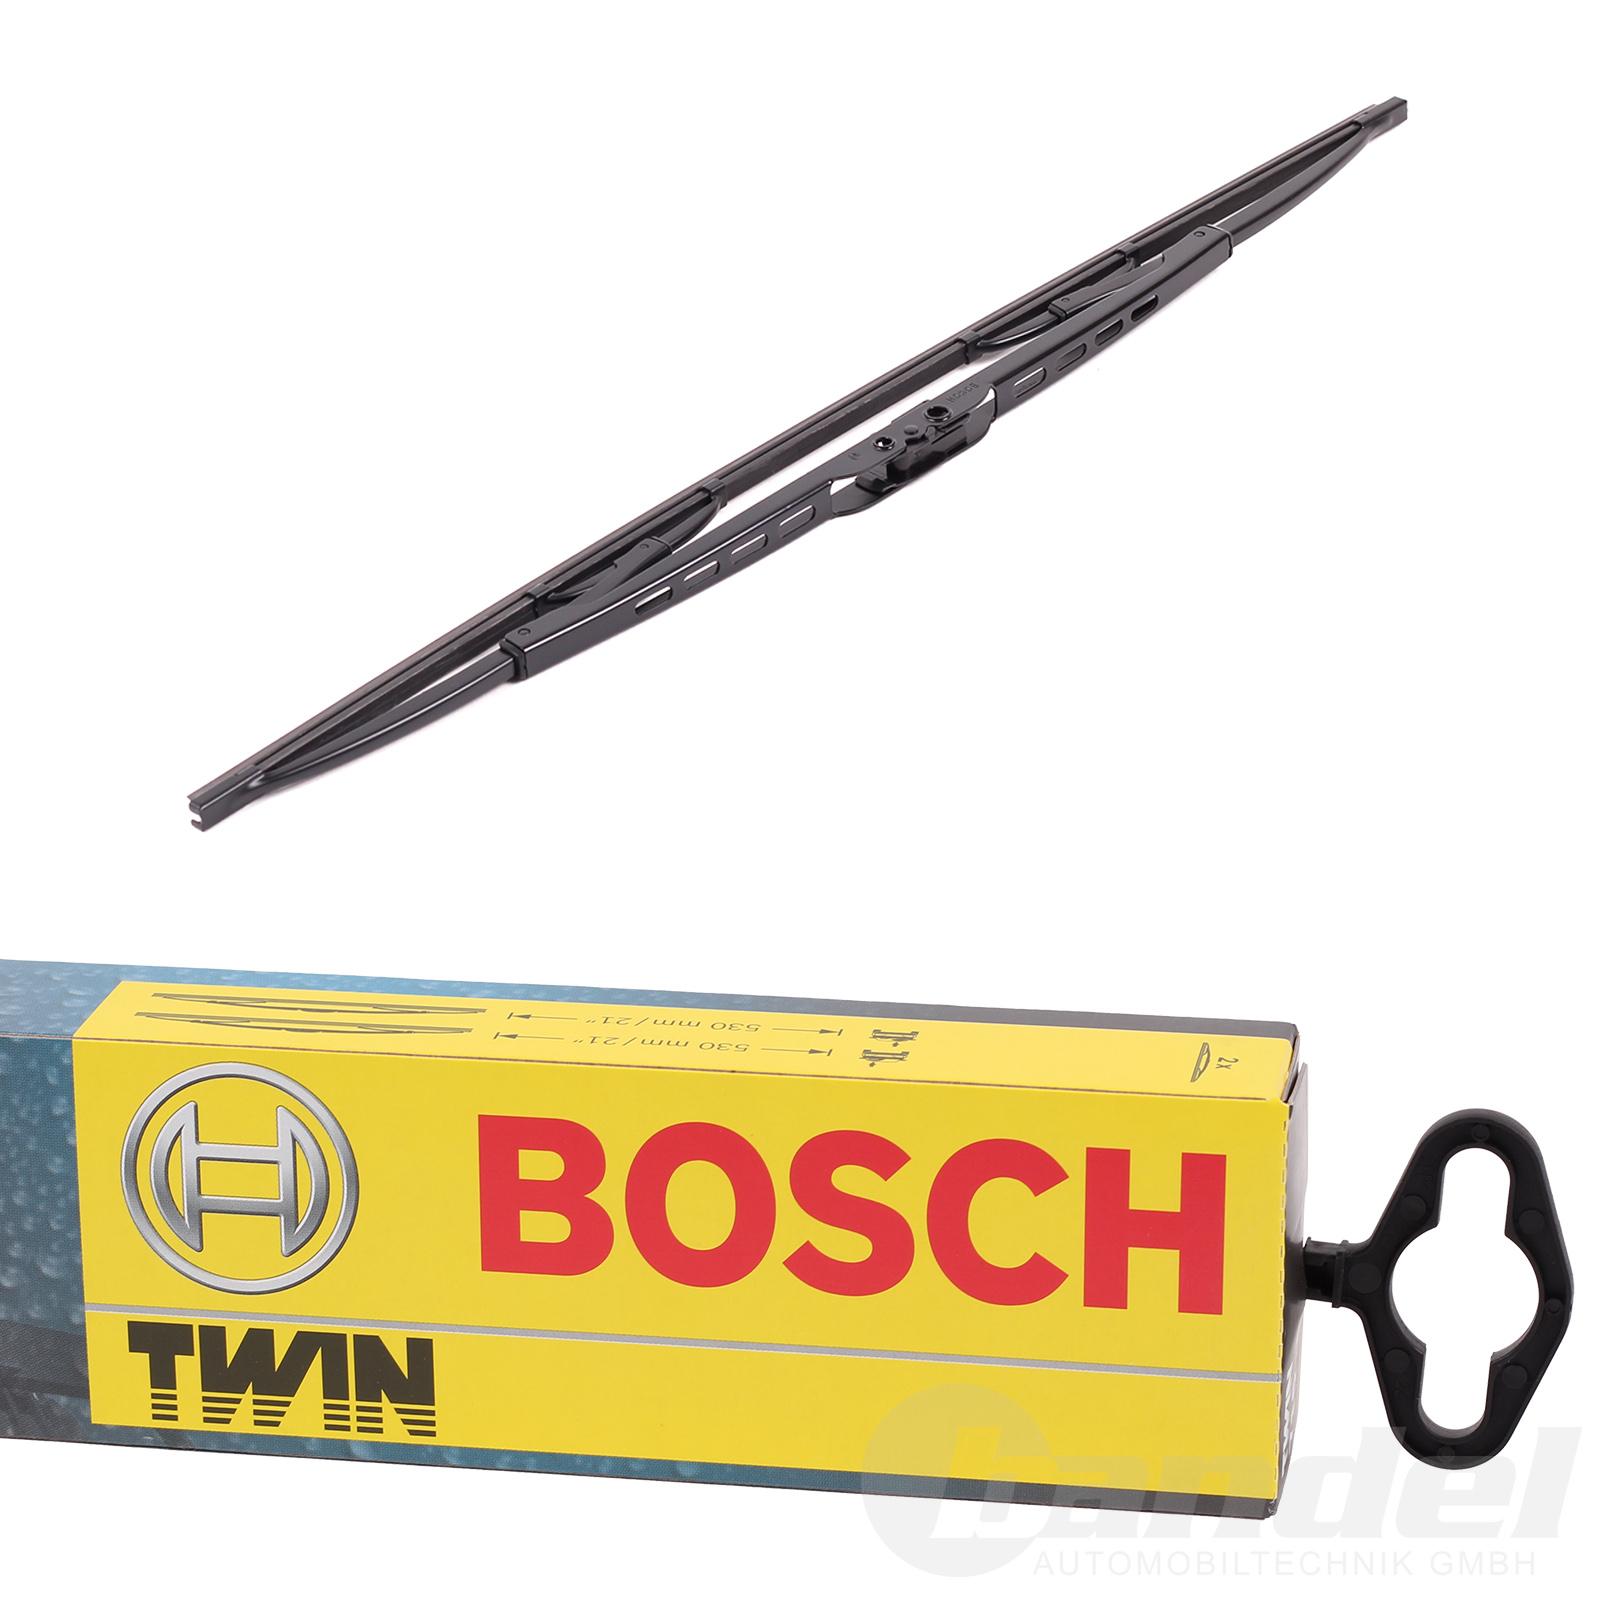 BOSCH TWIN SCHEIBENWISCHER VORNE 651U 650mm CITROEN C1 TOYOTA AYGO ...